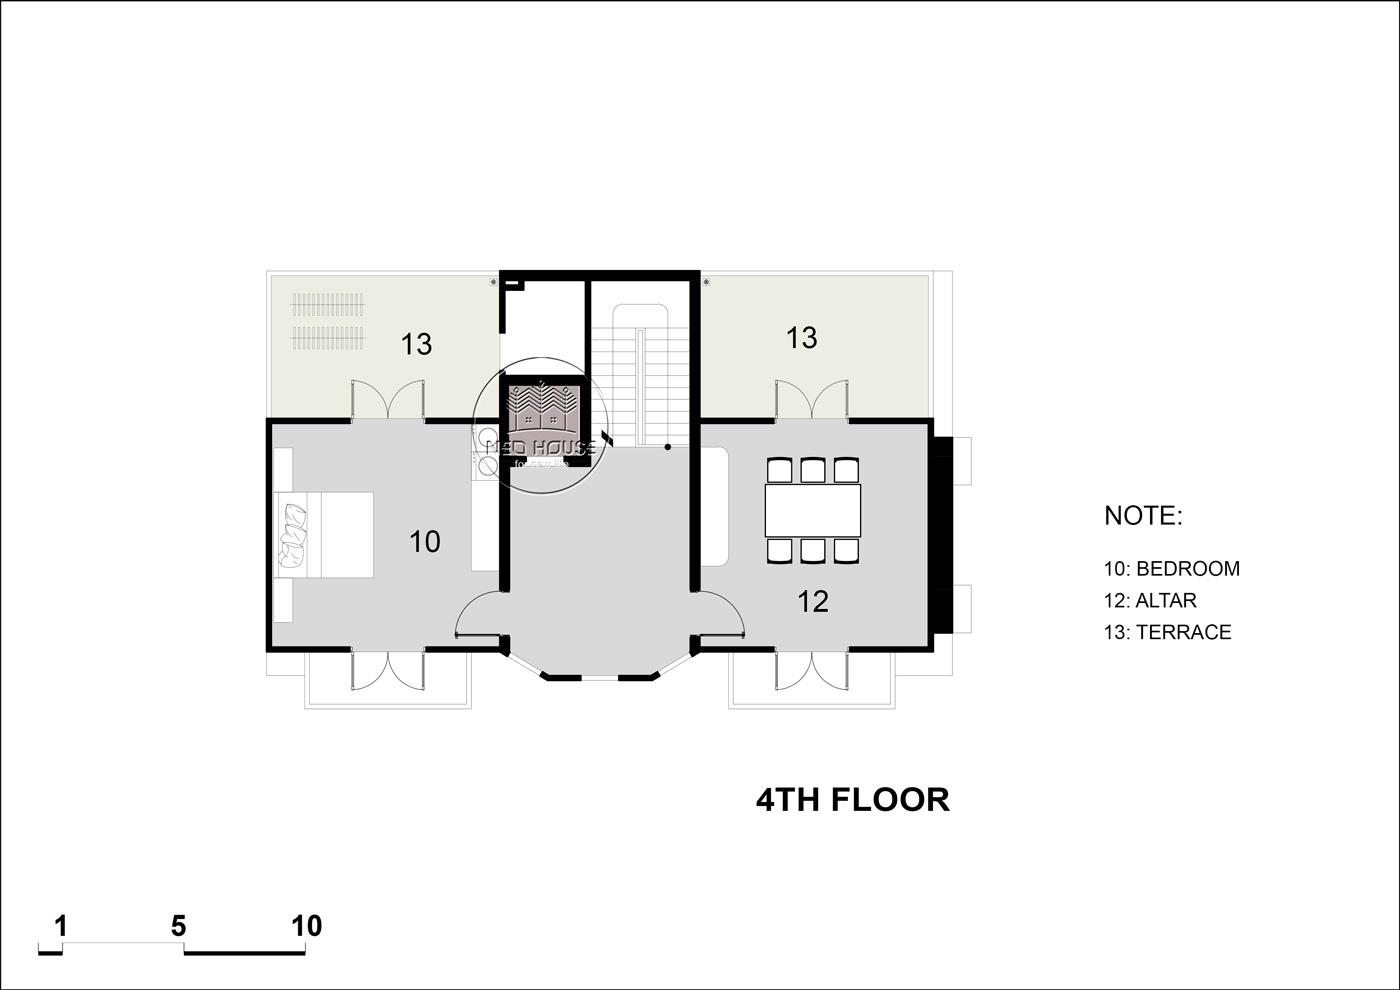 Mặt bằng tầng 5 biệt thự tân cổ điển 5 tầng